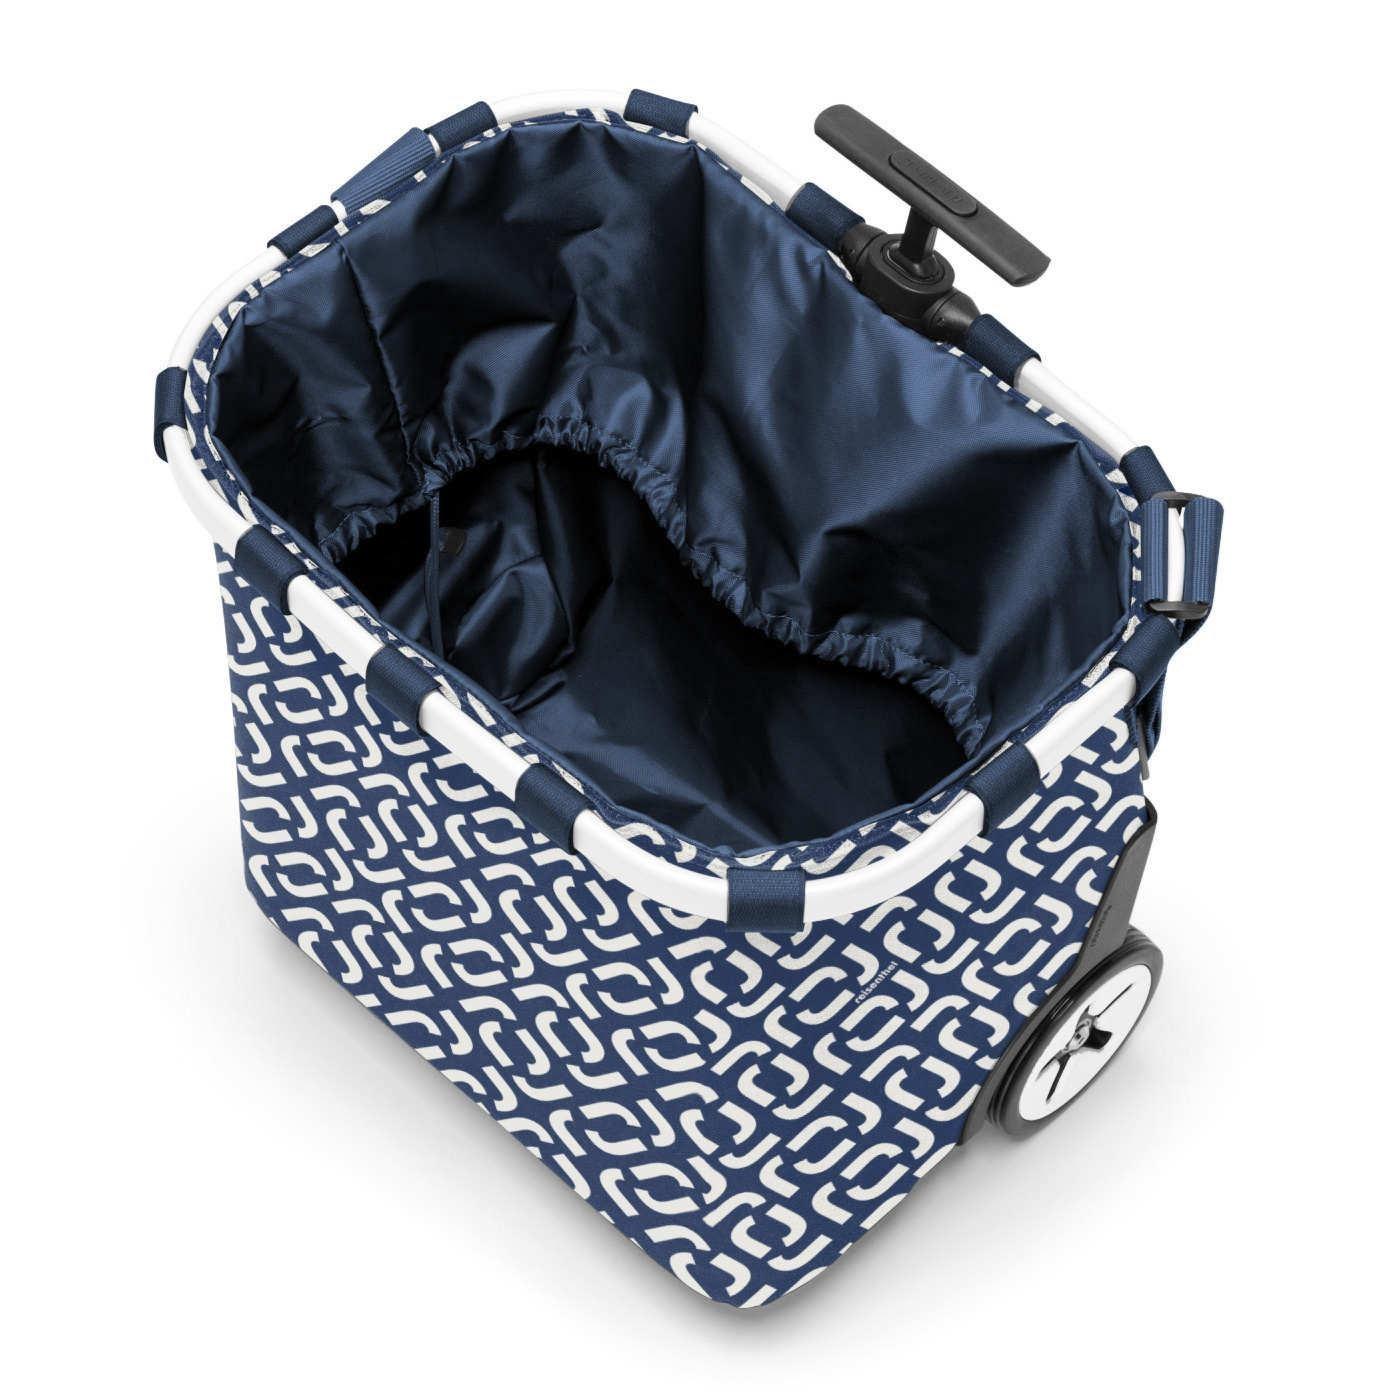 Taška na kolečkách Carrycruiser frame signature navy_1